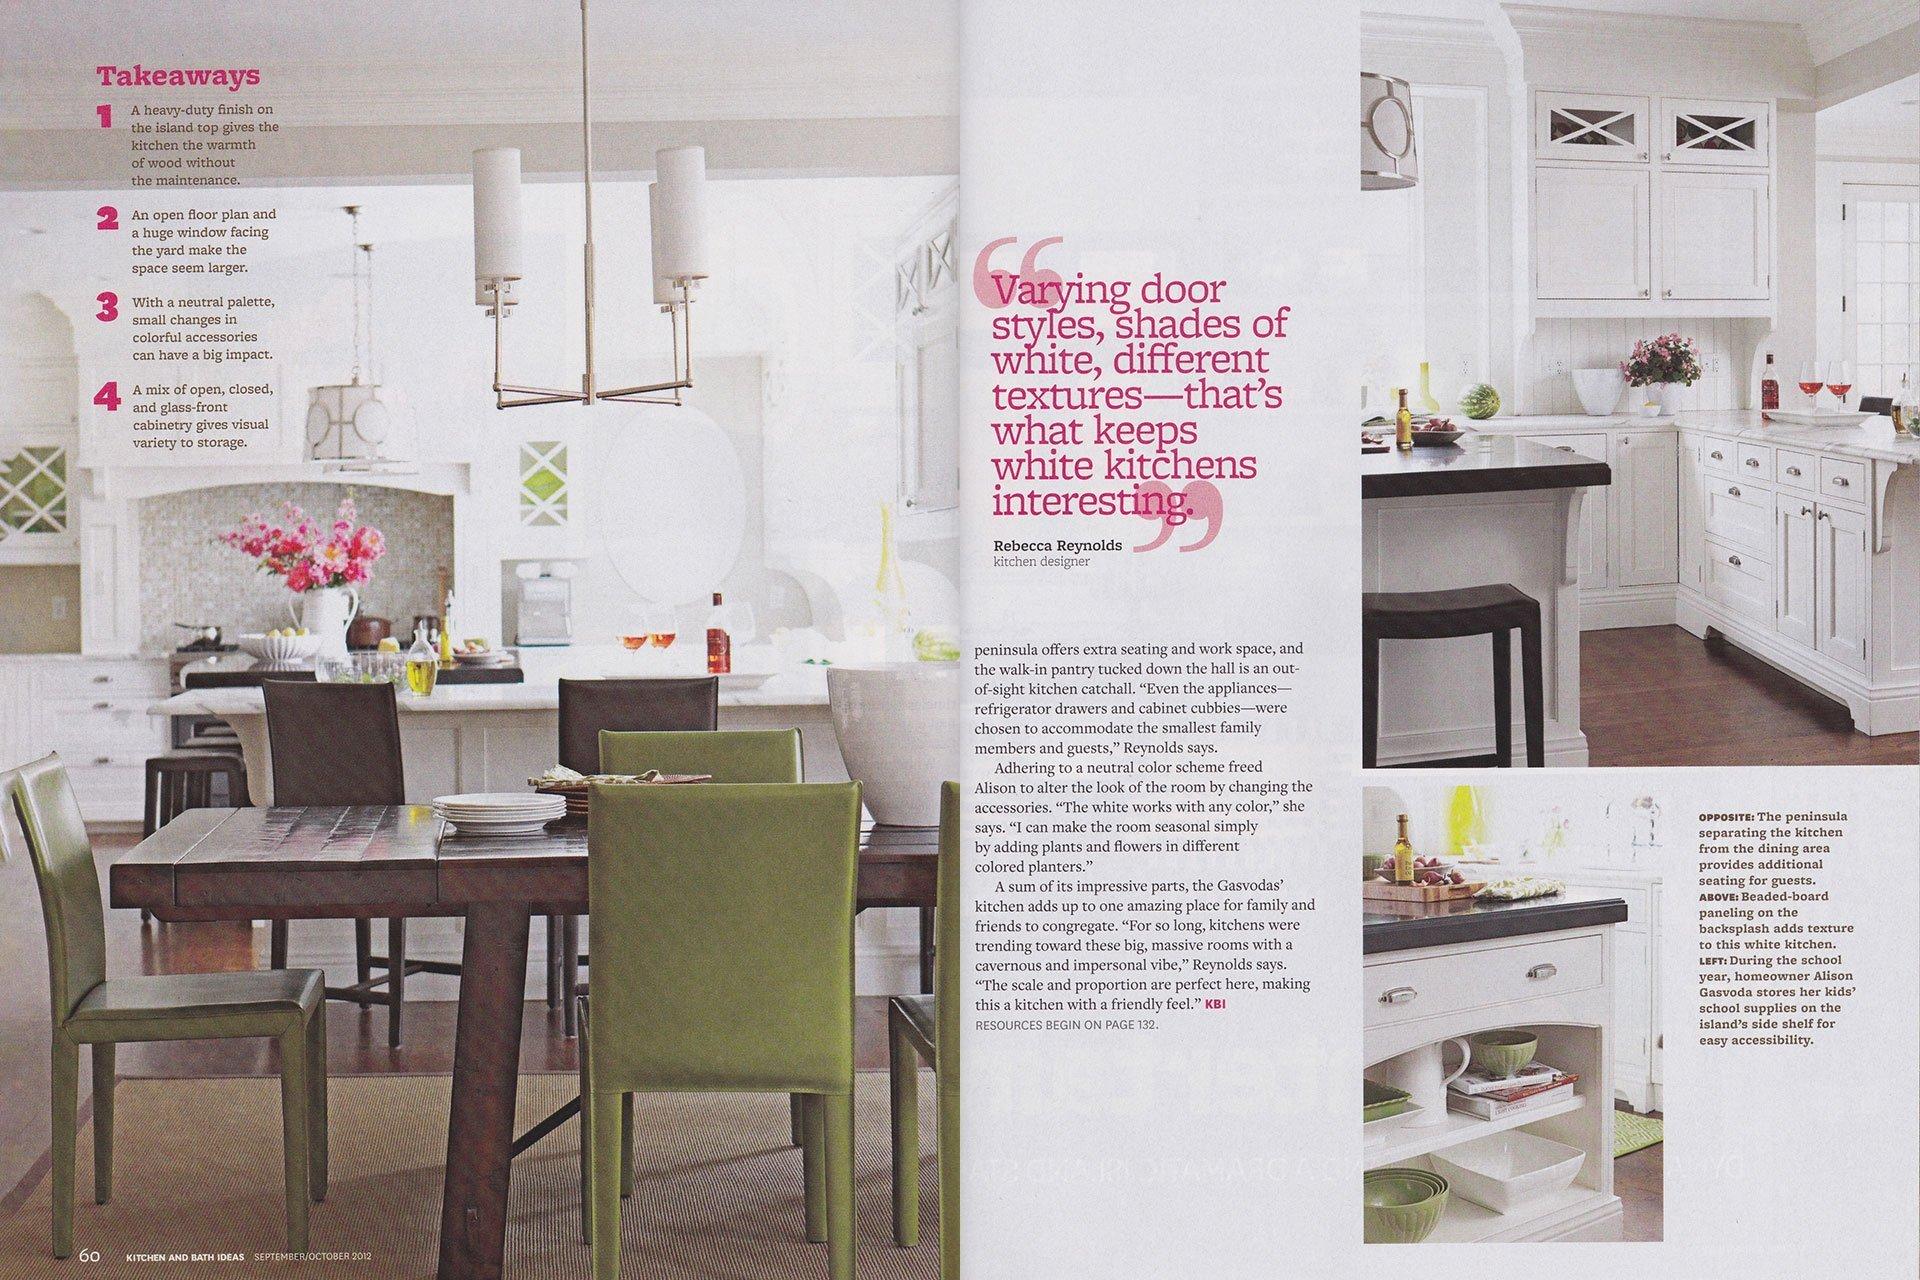 2012 Kitchen & Bath Ideas magazine inside